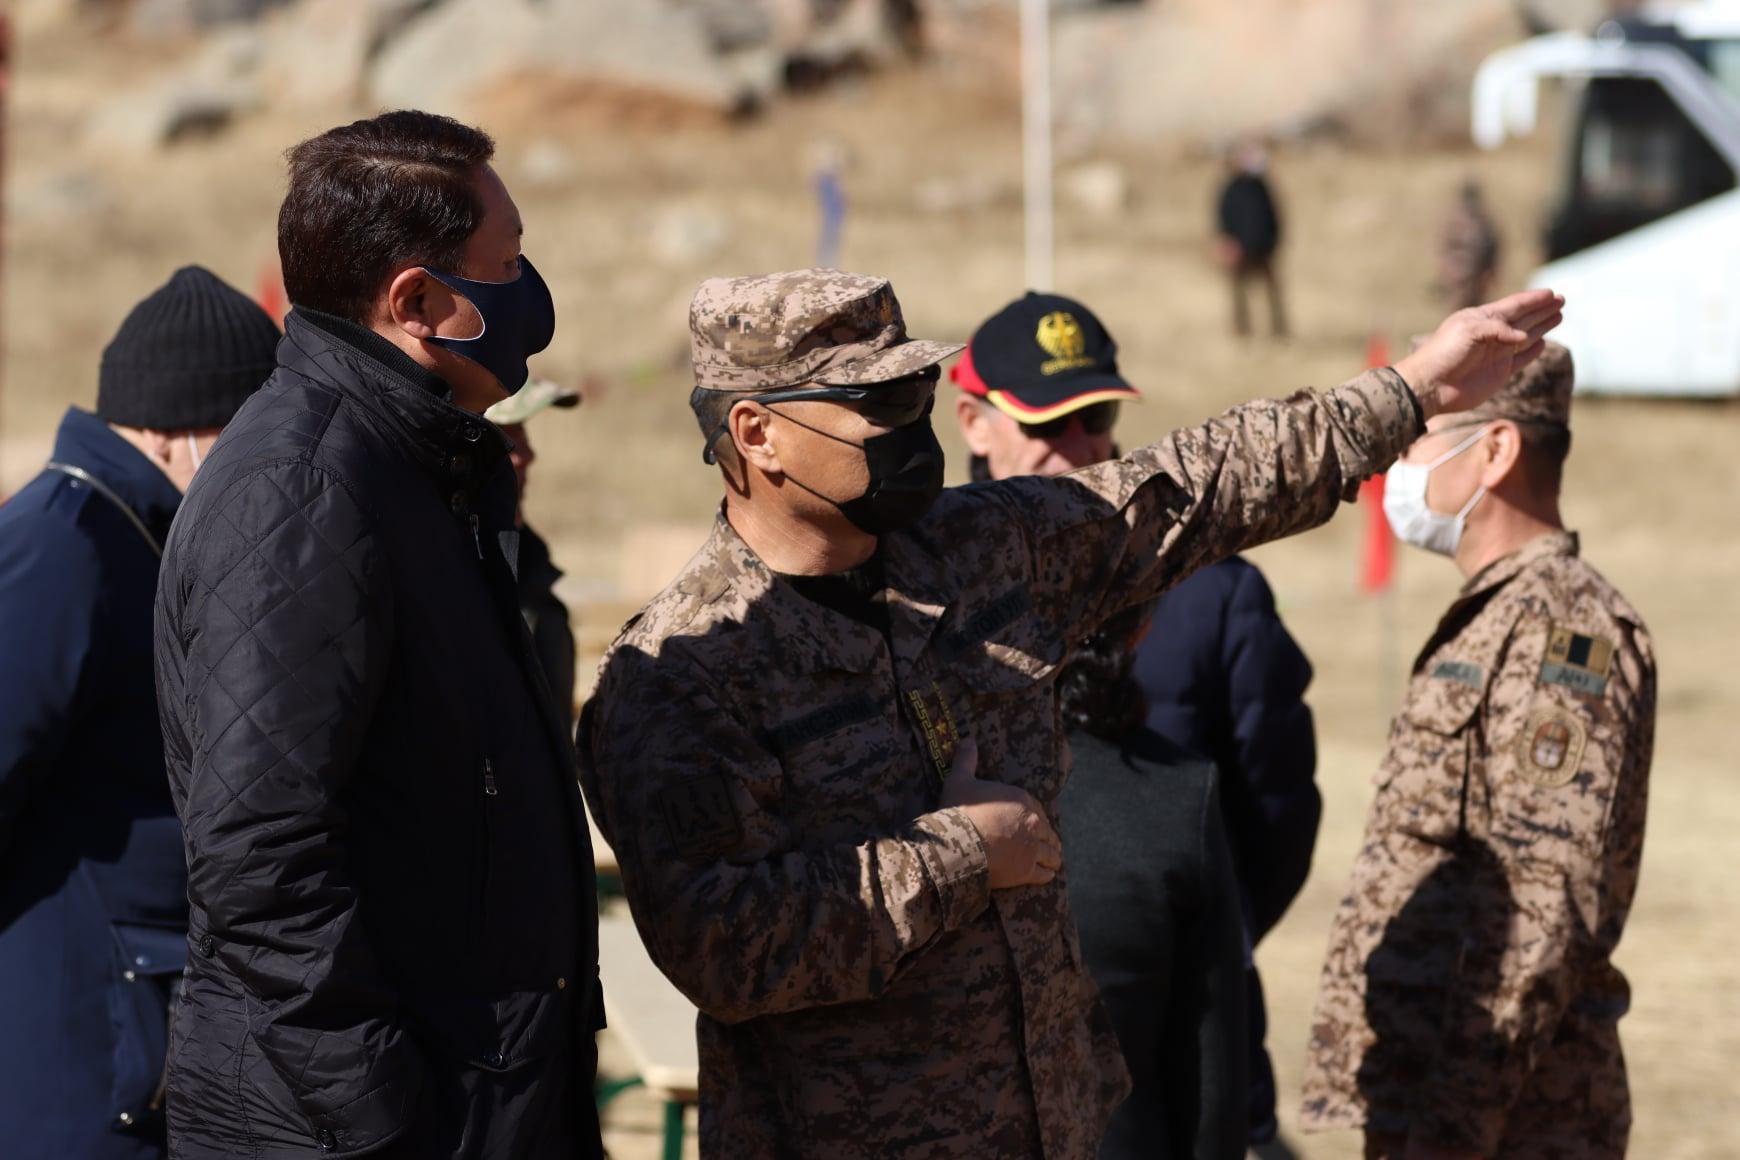 Монгол, Германы зэвсэгт хүчний хамтарсан уулын явган цэргийн сургалттай Ерөнхийлөгч танилцав